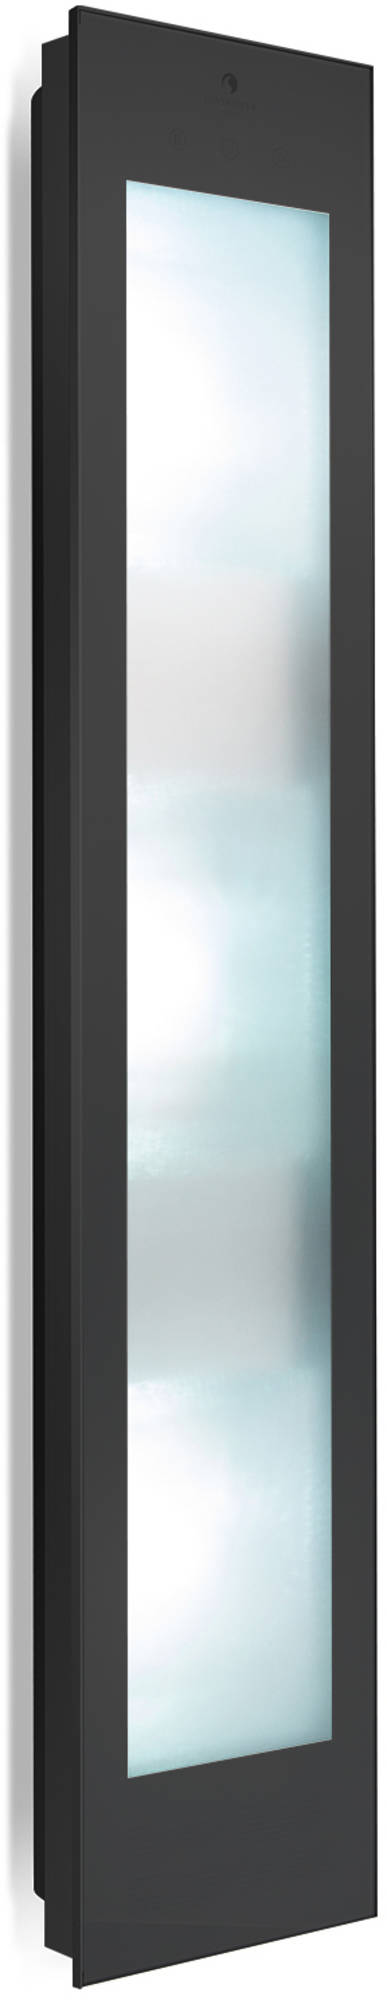 Productafbeelding van Sunshower Combi Black UV en Infrarood Opbouwapparaat 29x144x22.8 cm Aluminium Mat Zwart